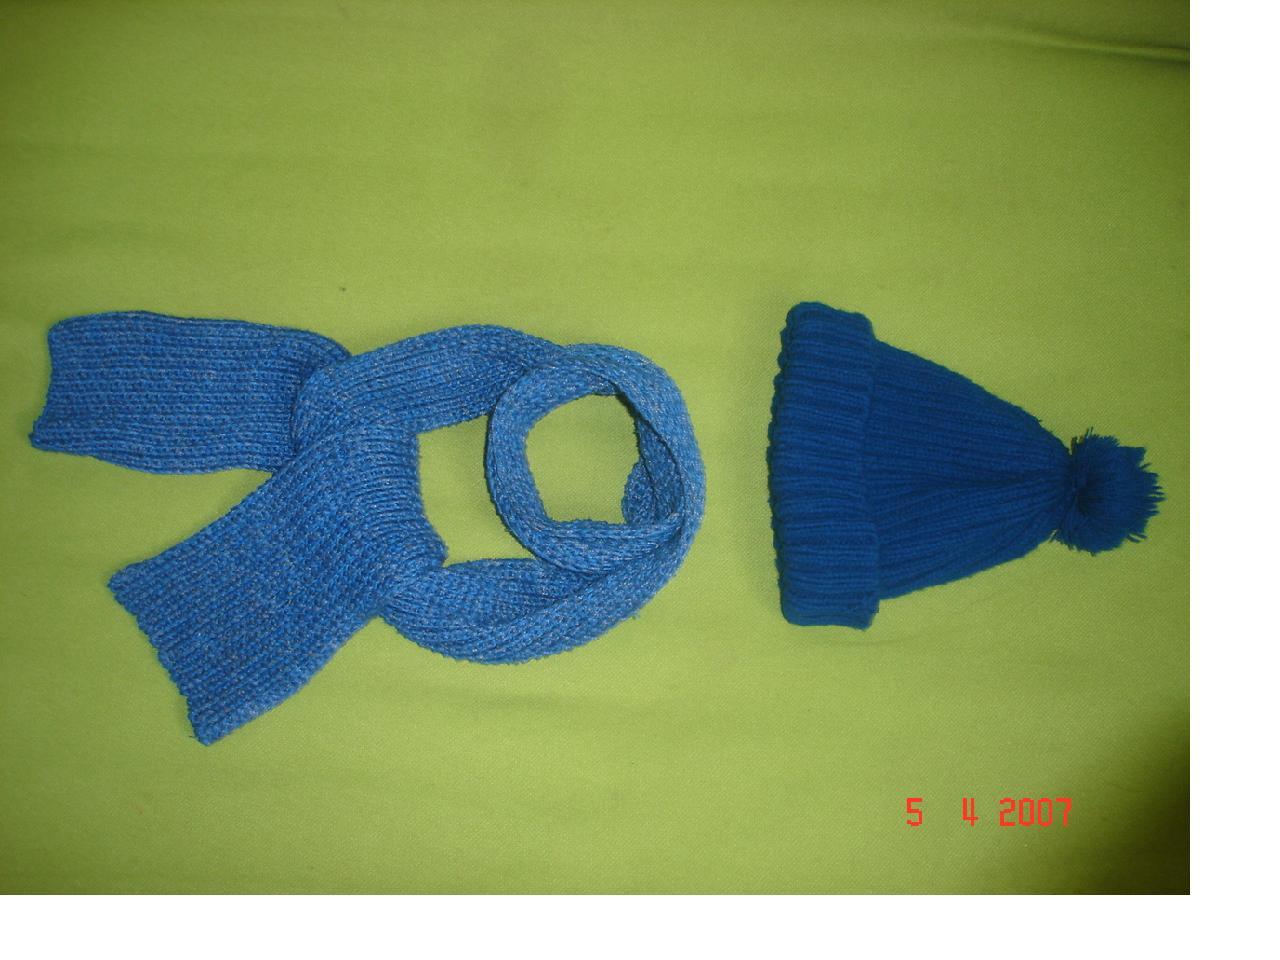 儿子的帽子和围巾